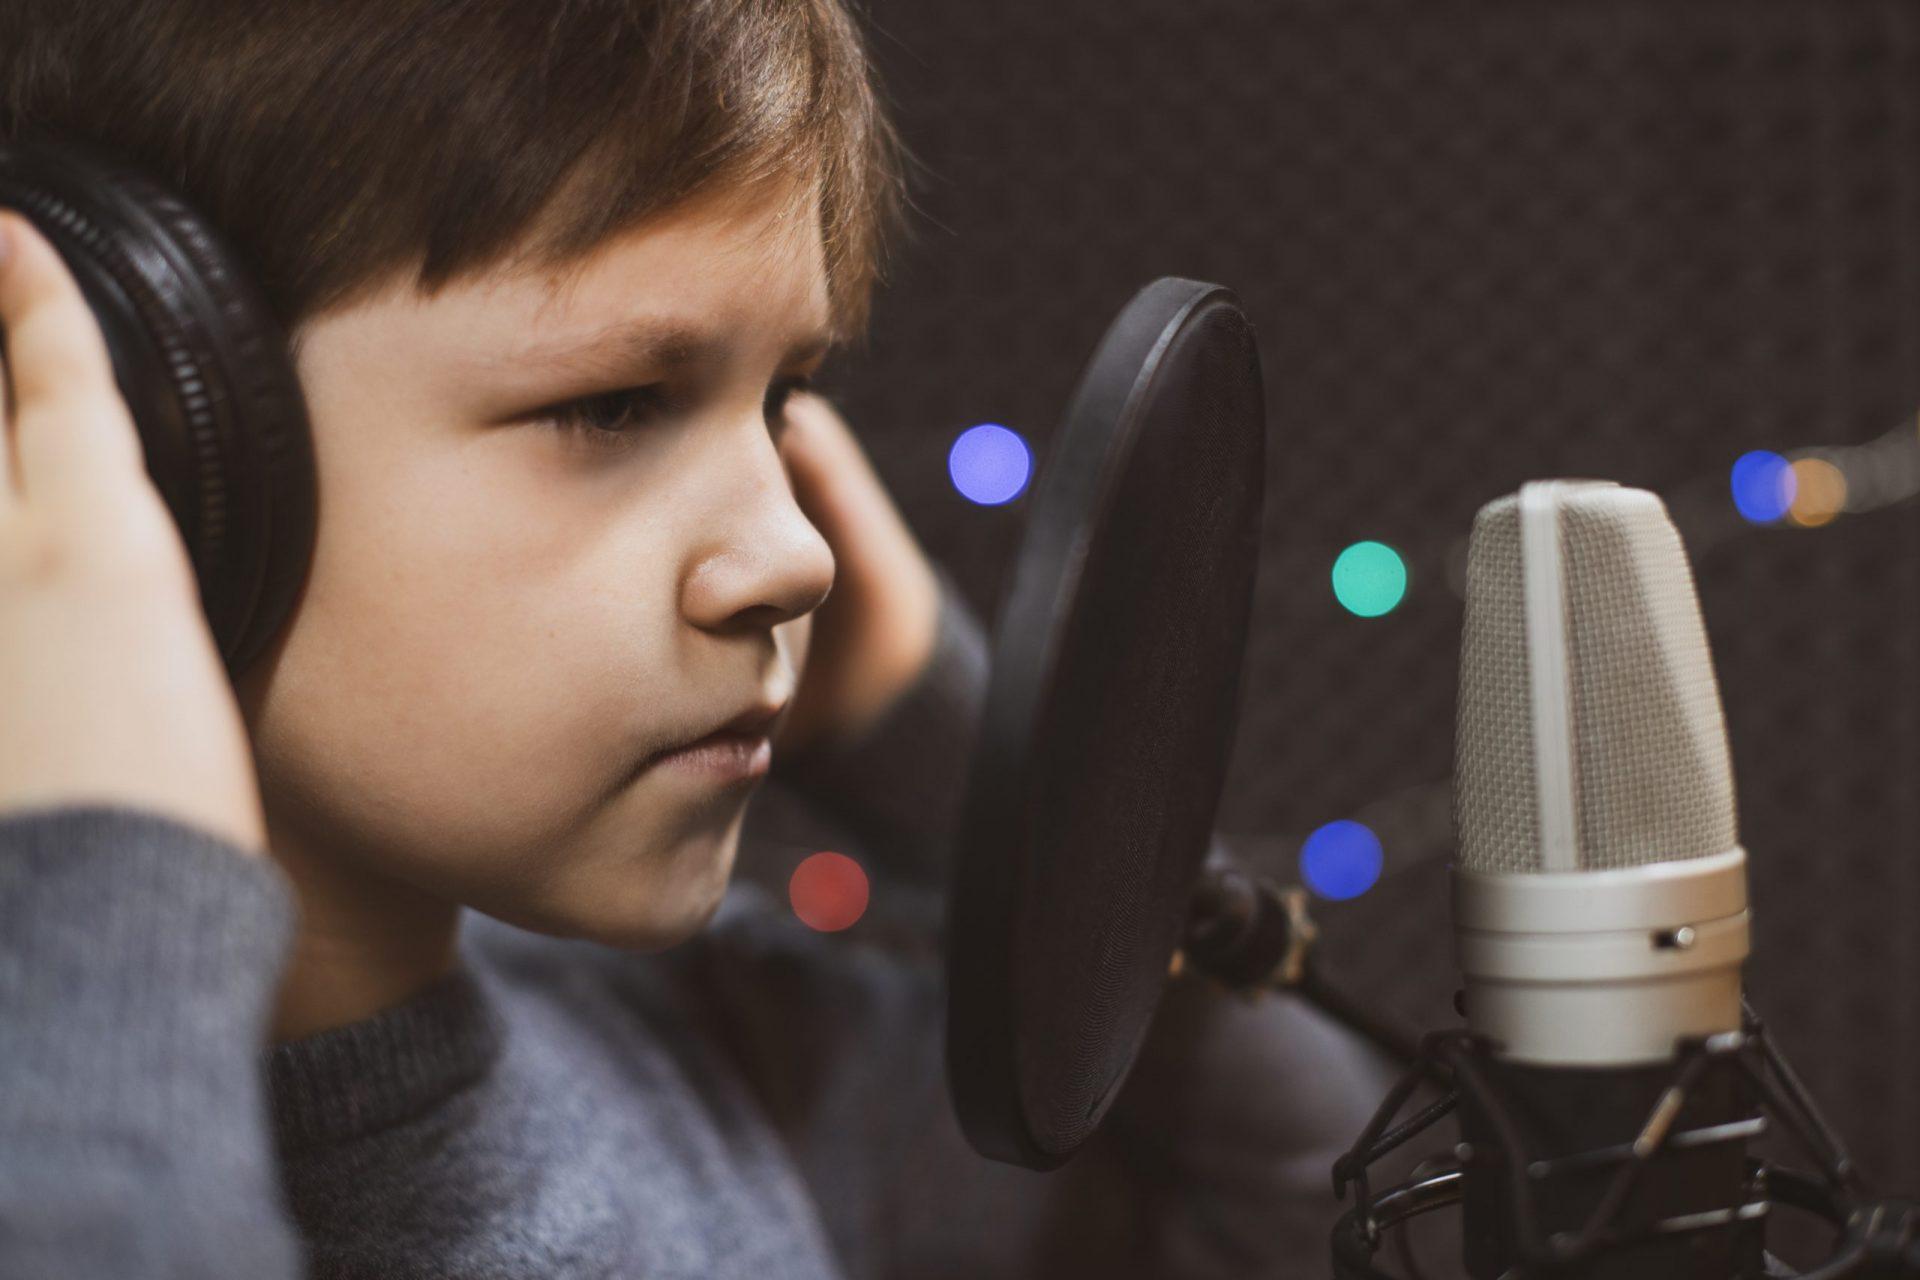 Boy dubbing